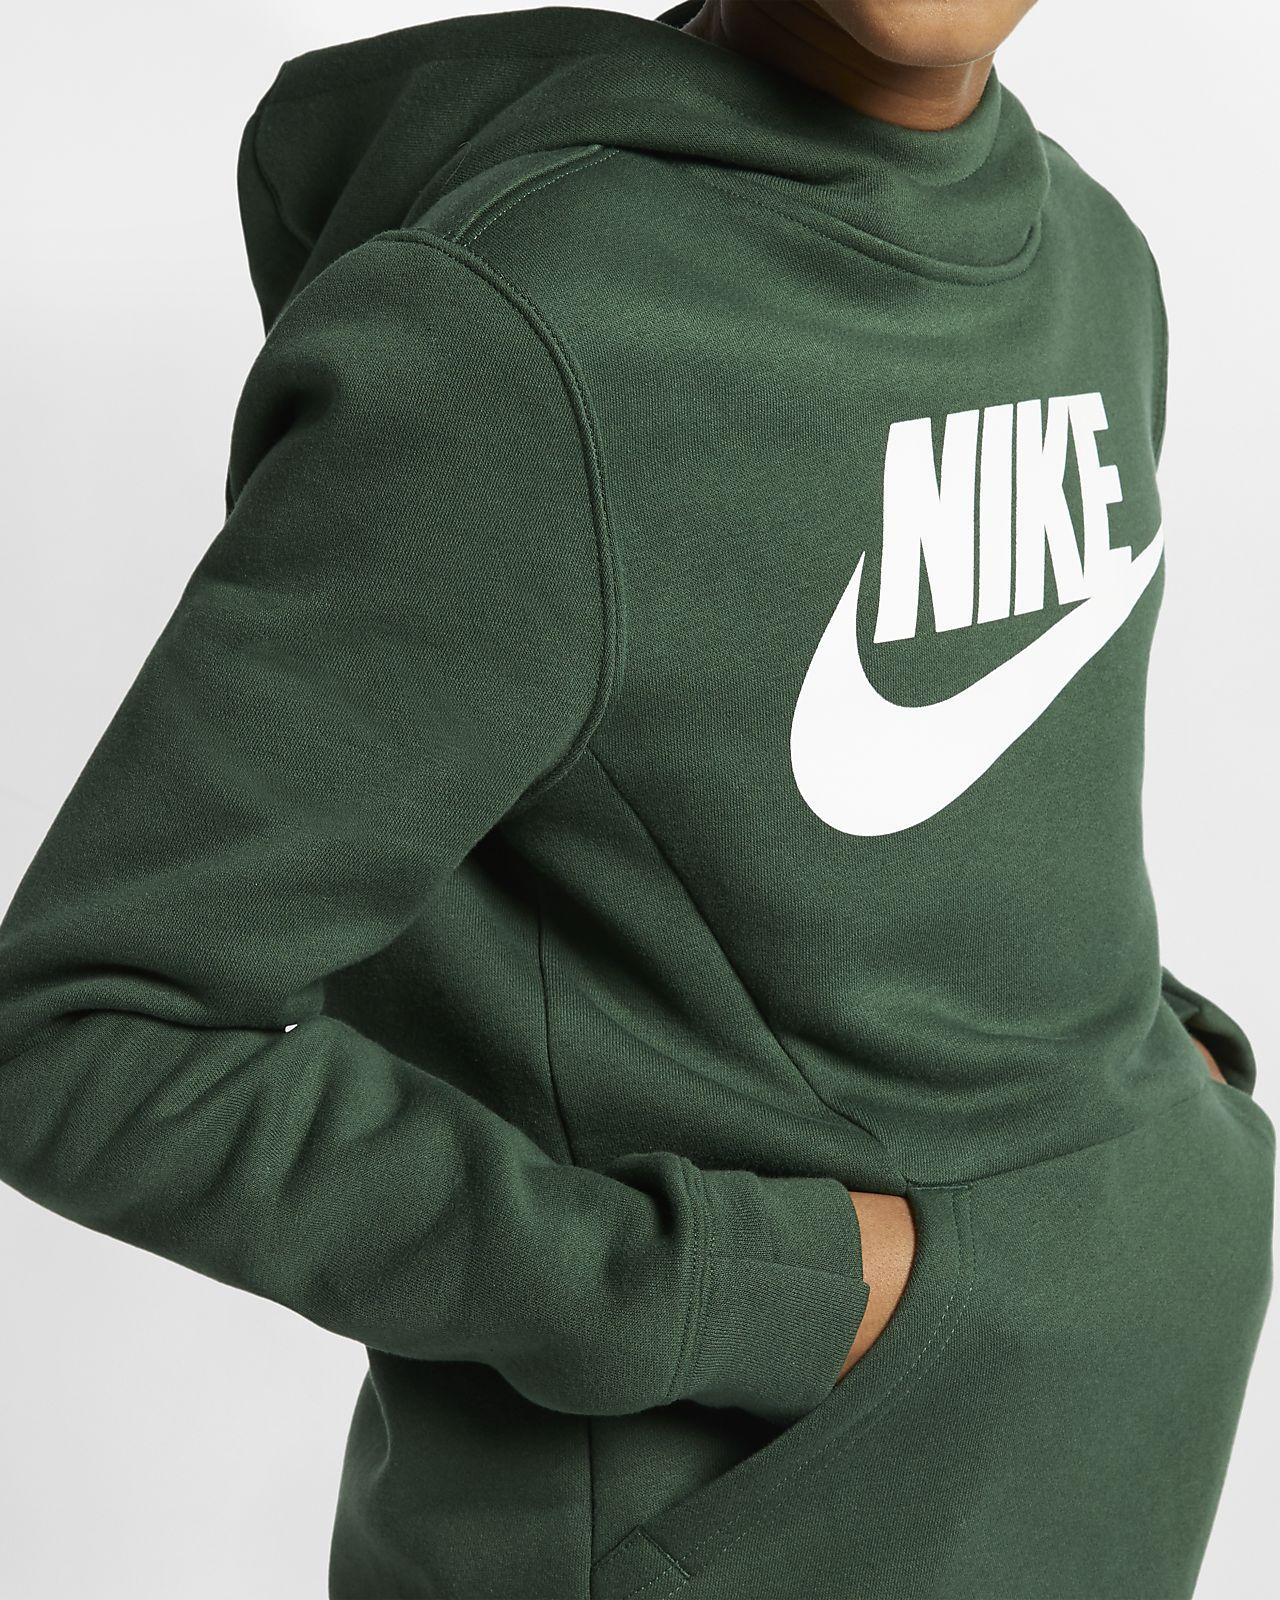 83c59fe79b0d Nike Sportswear Boys  Fleece Pullover Hoodie. Nike.com